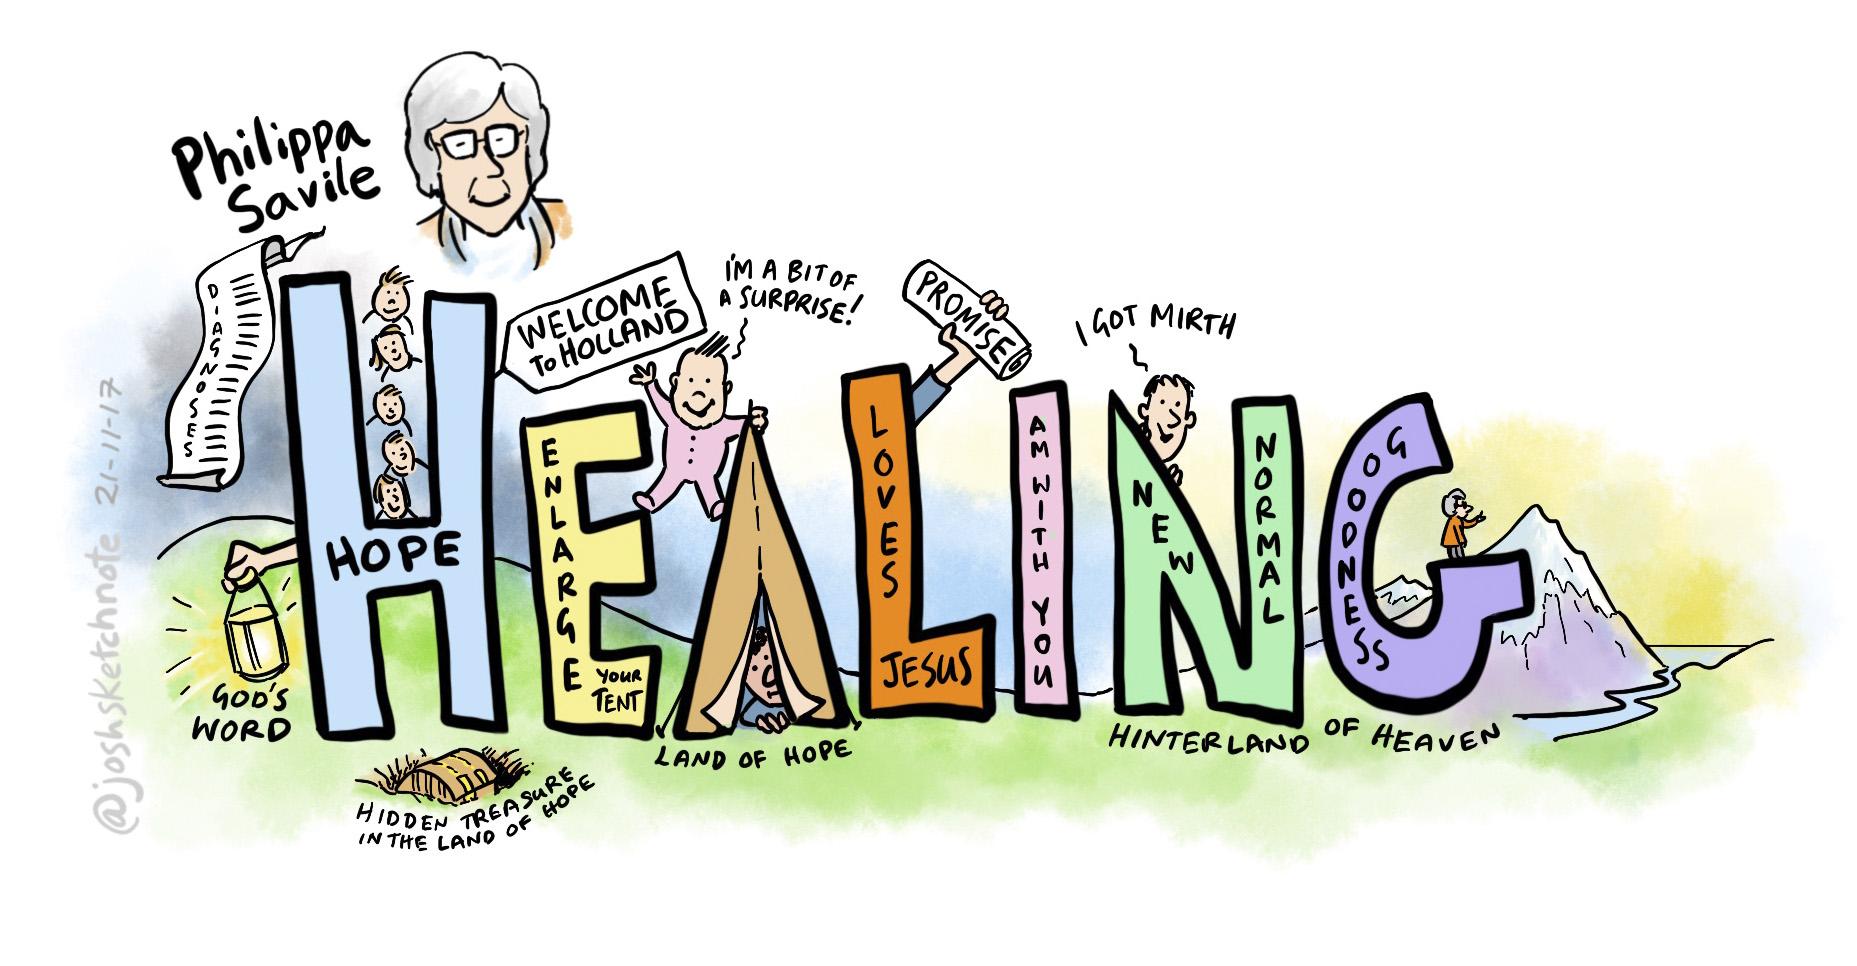 Healing_St_Johns_26-11-17.jpg